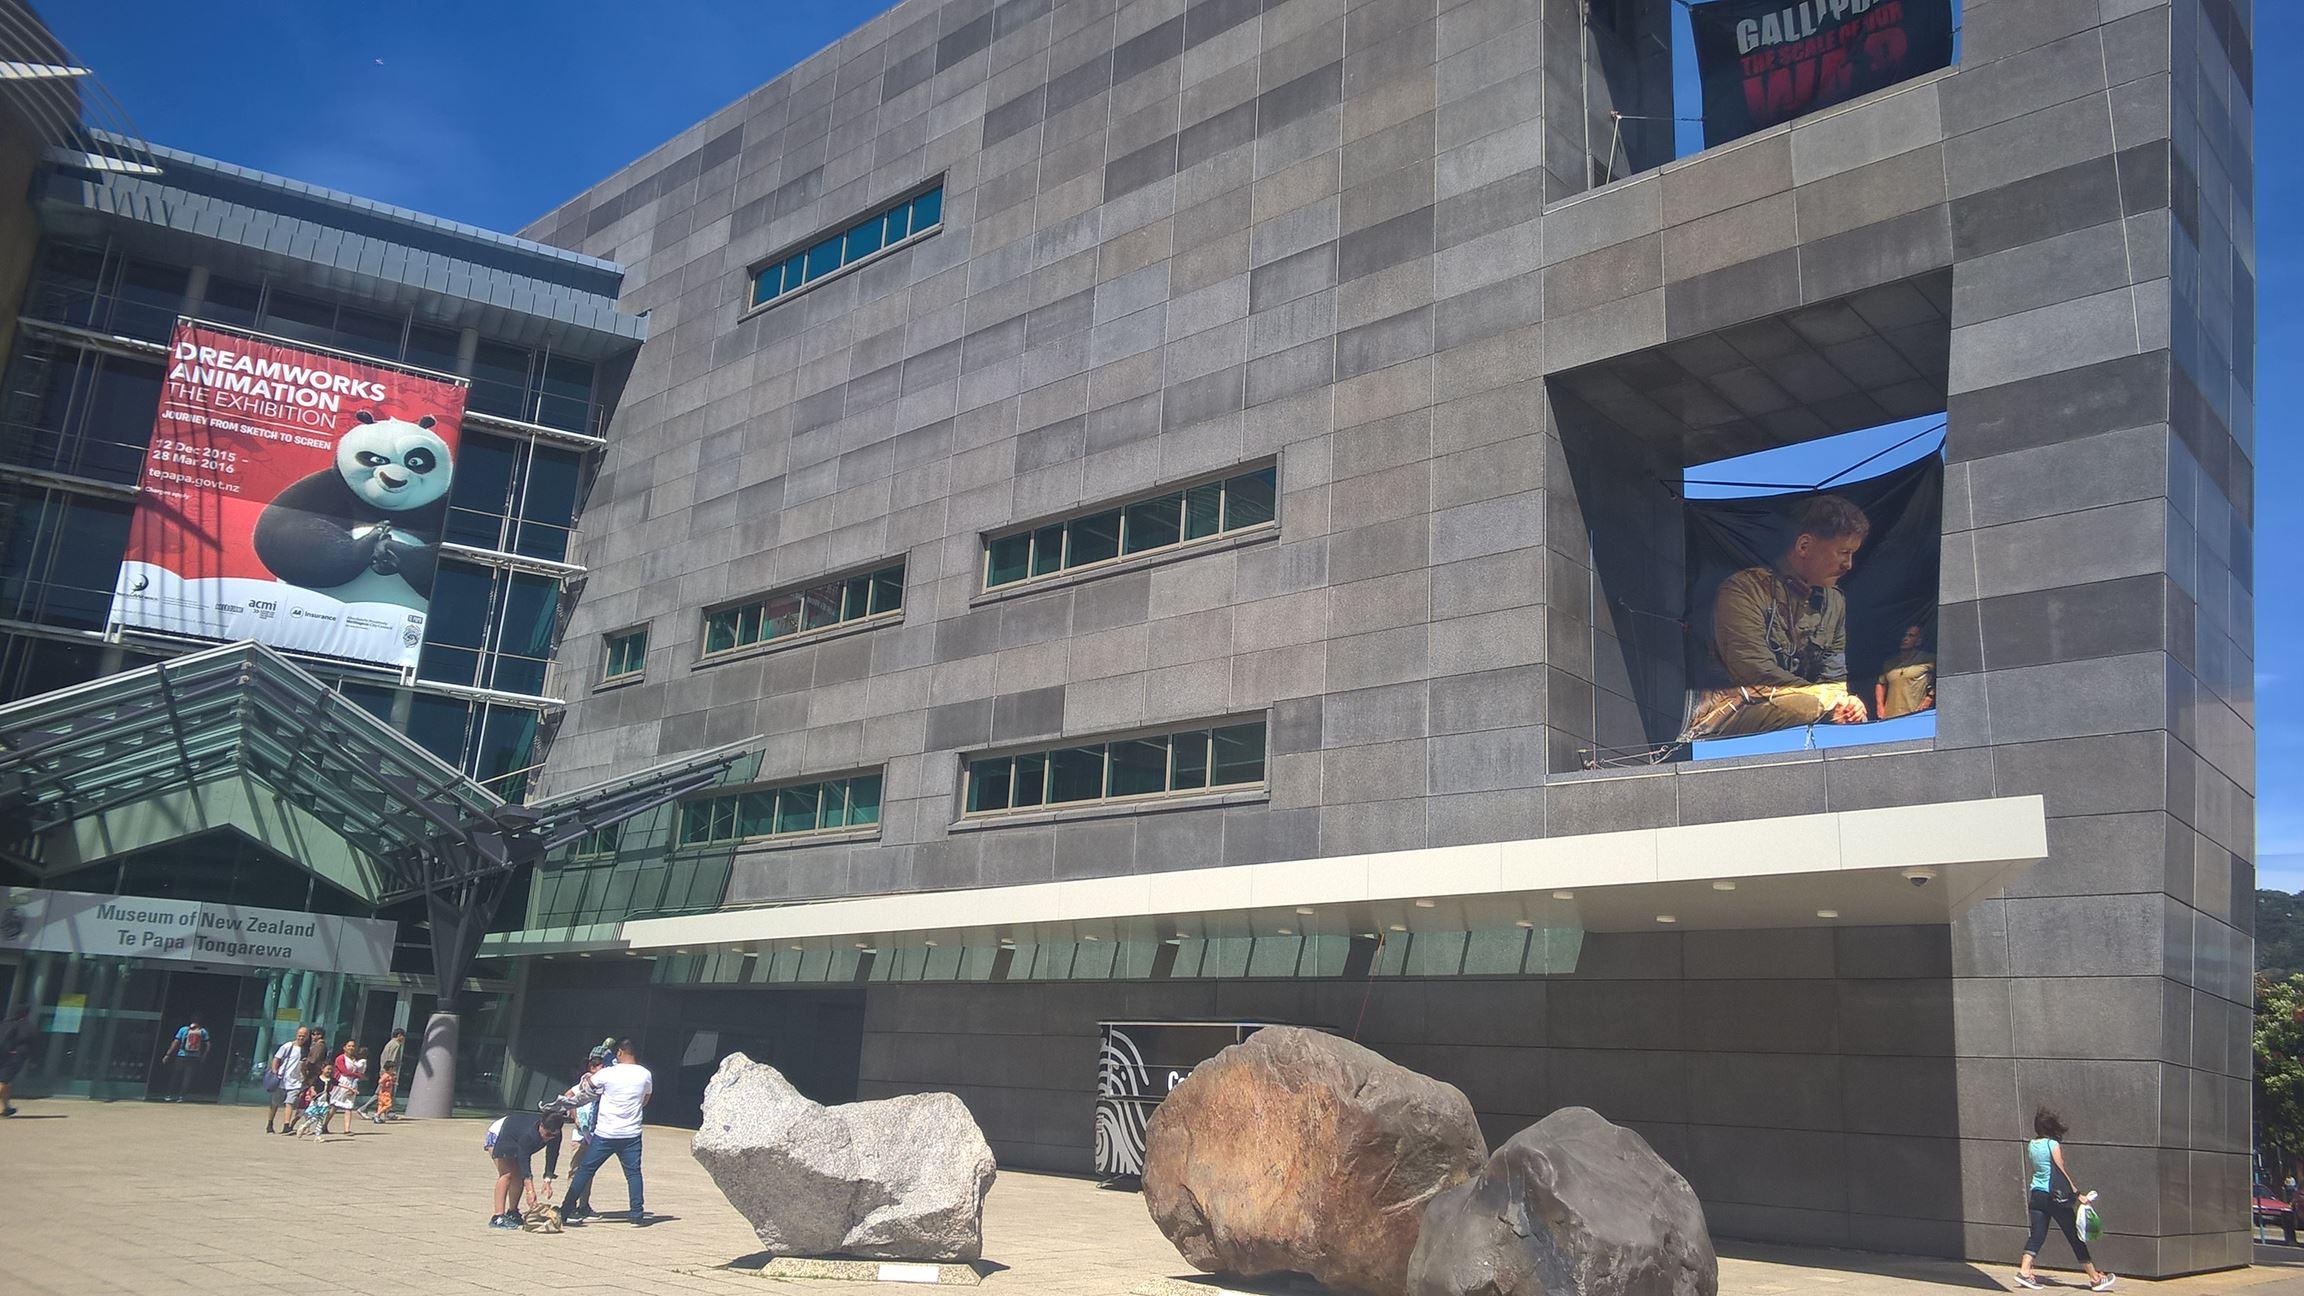 Etwas für die Kultur: Im Museum gibt es mehrere super interessante Ausstellungen